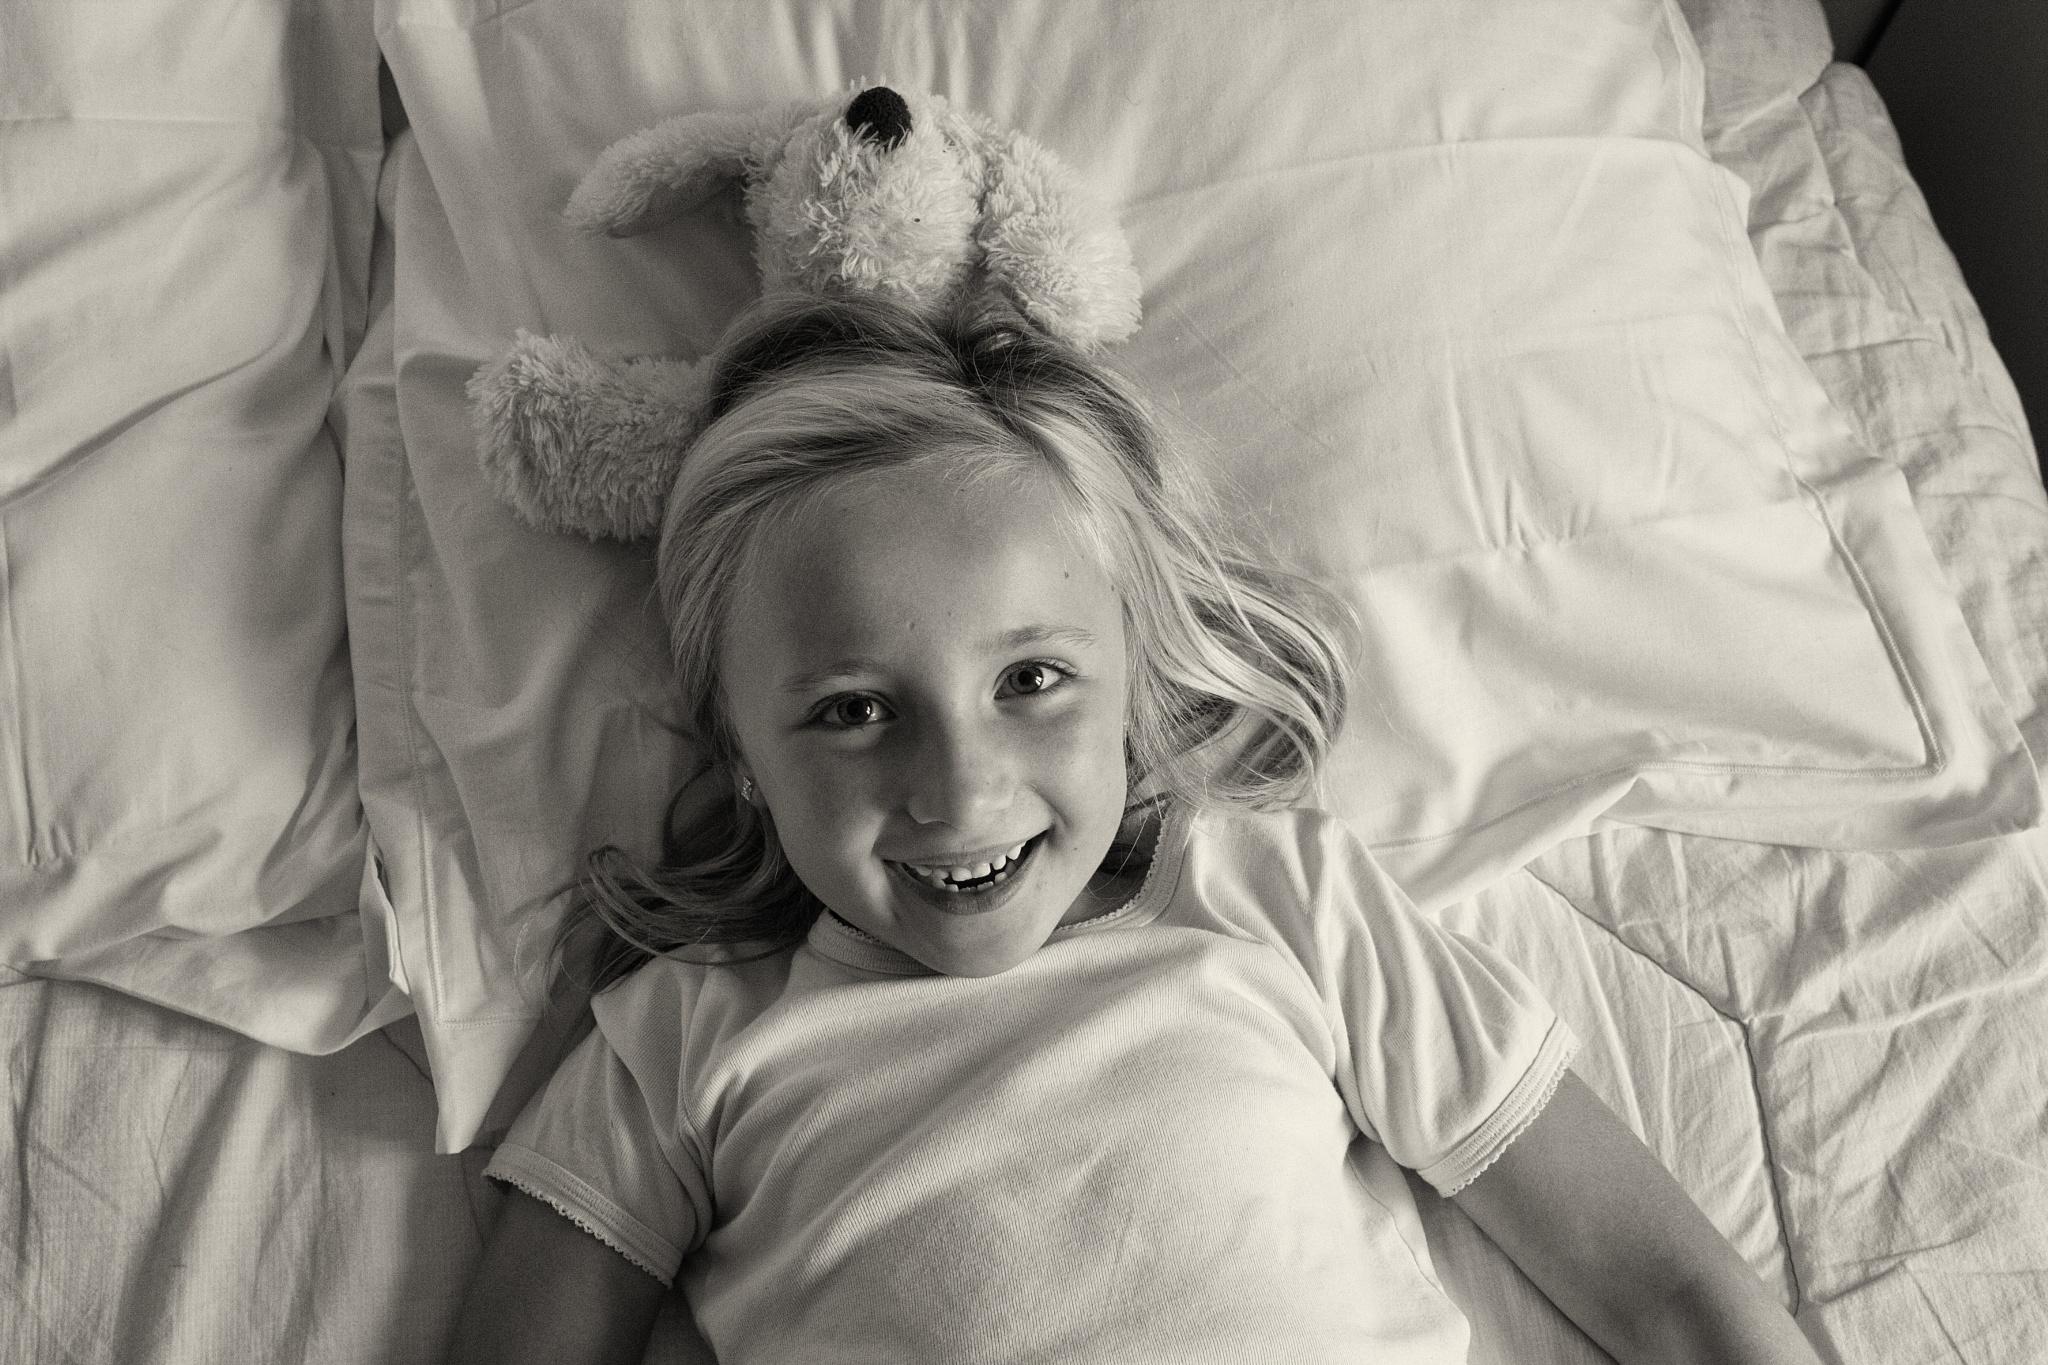 la petite fille et son doudou by EmilyBy